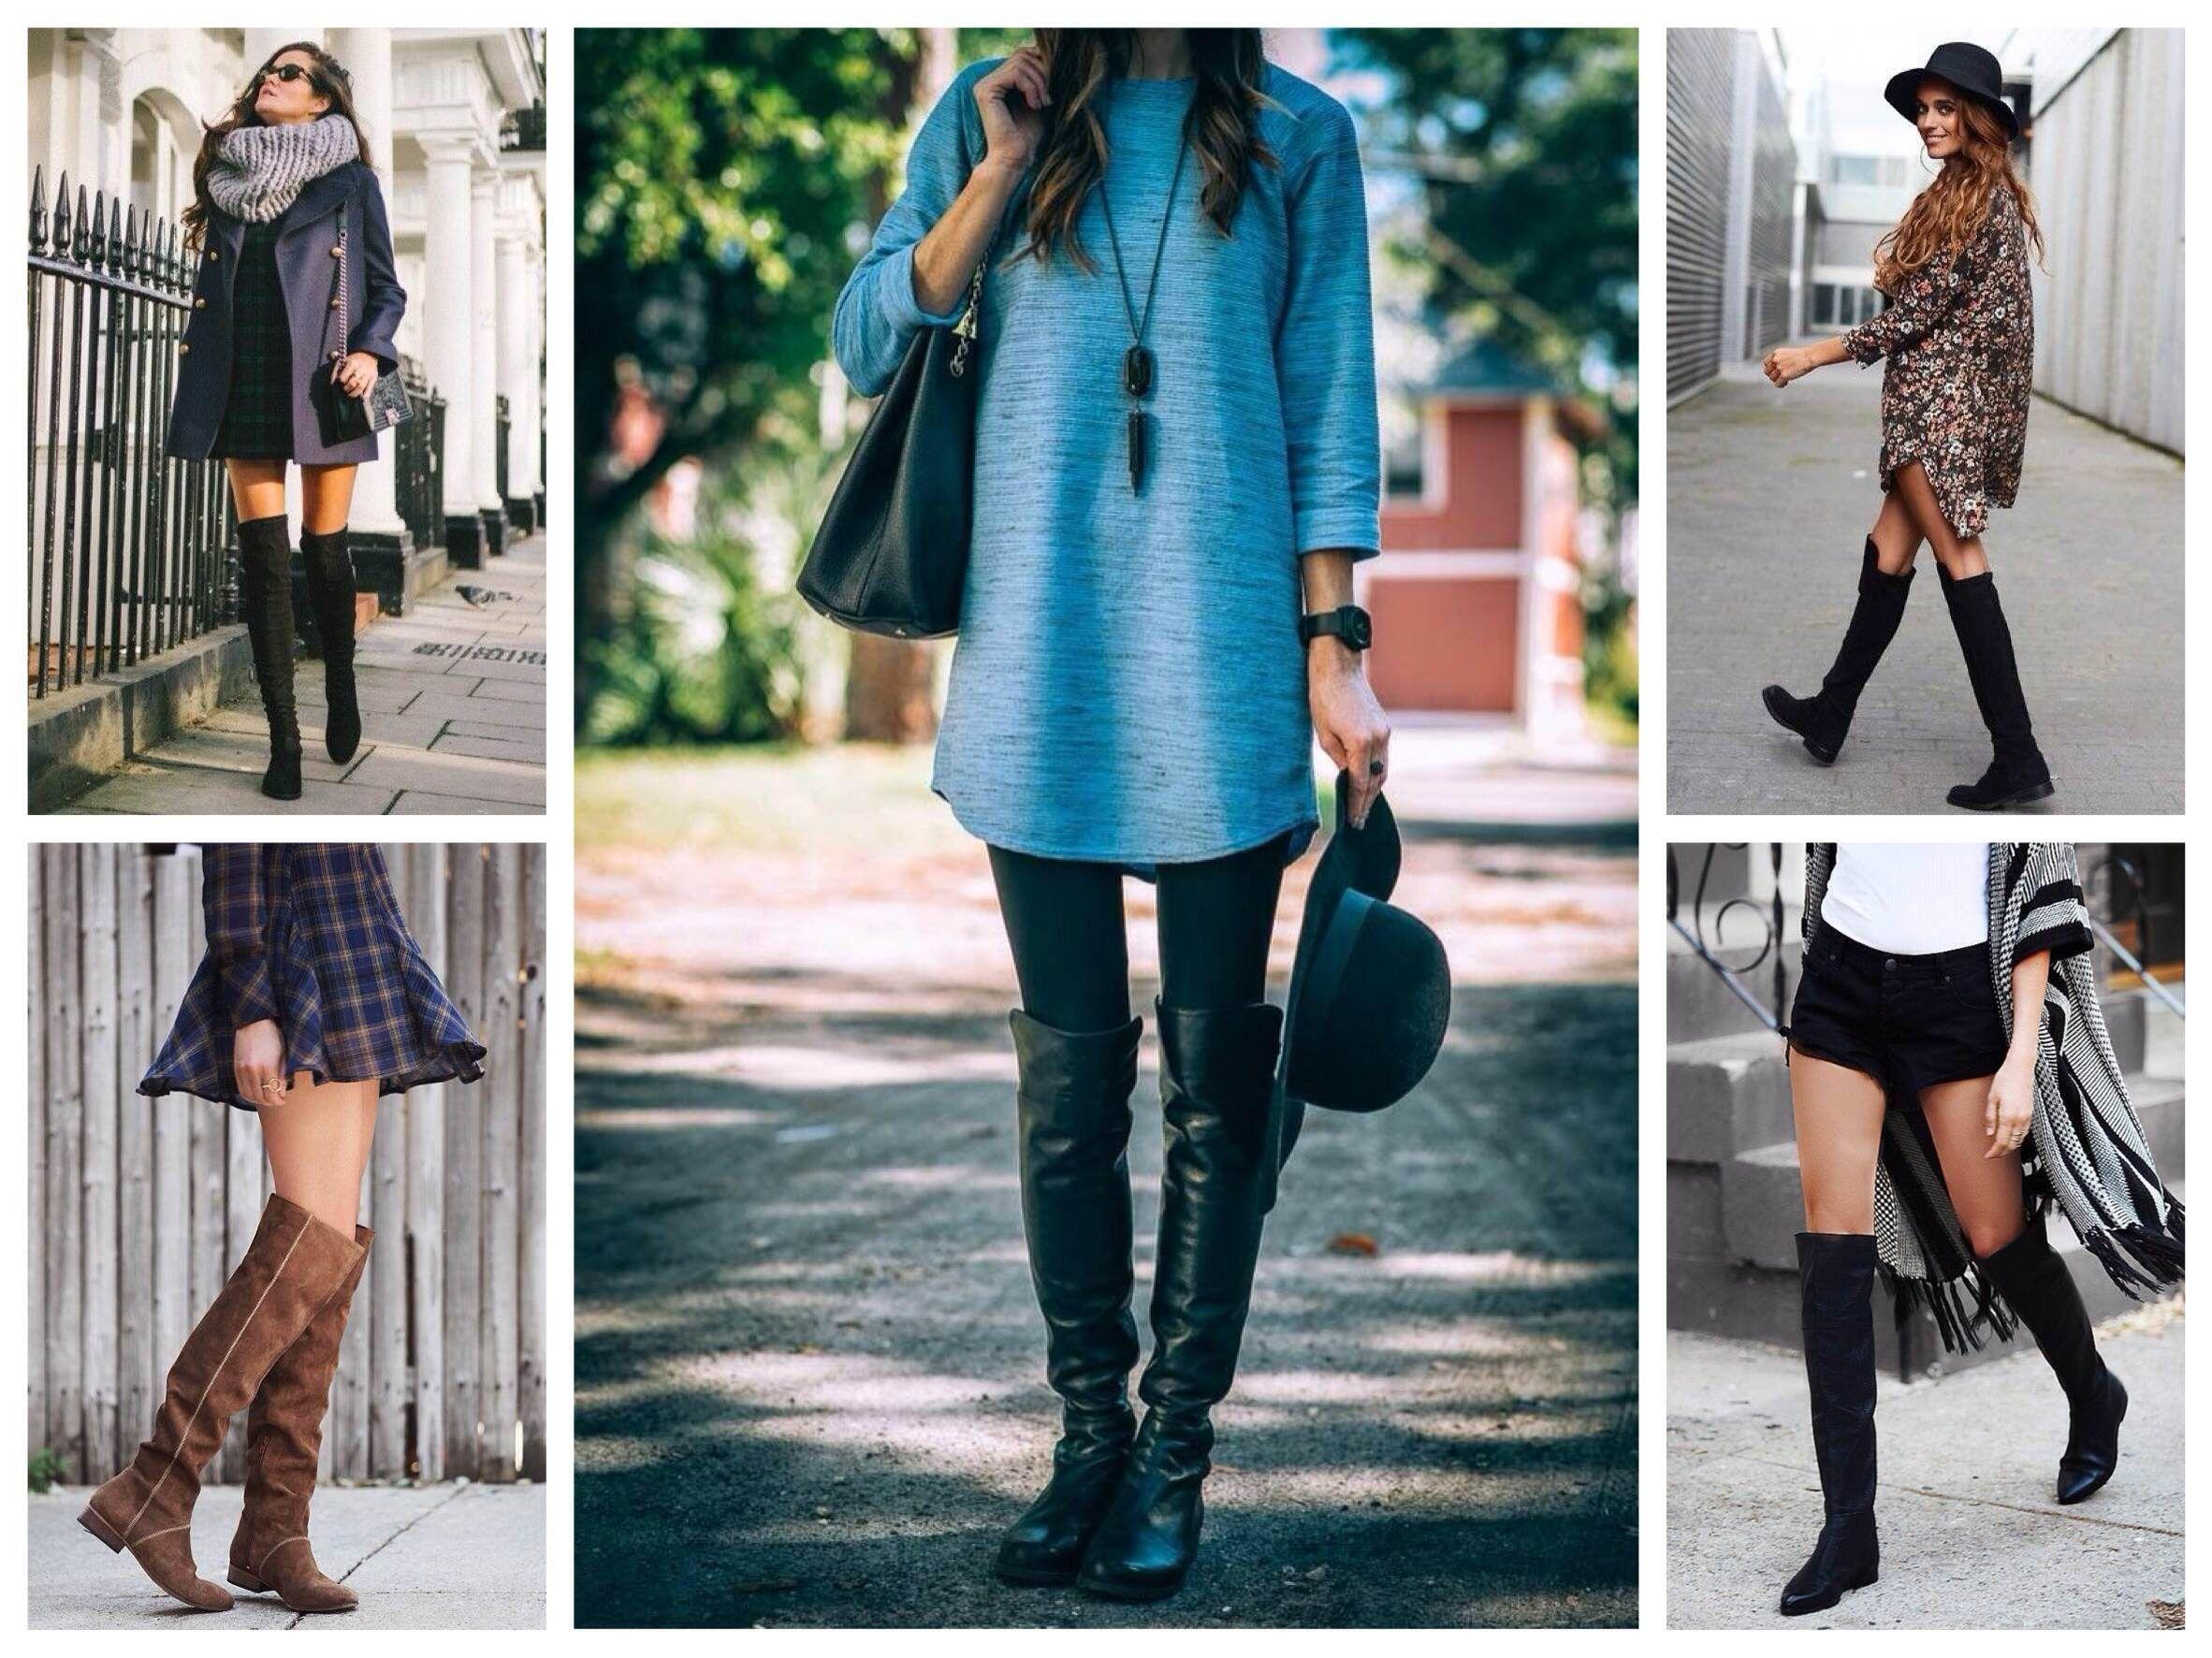 ботфорты без каблука модный лук фото всегда движутся